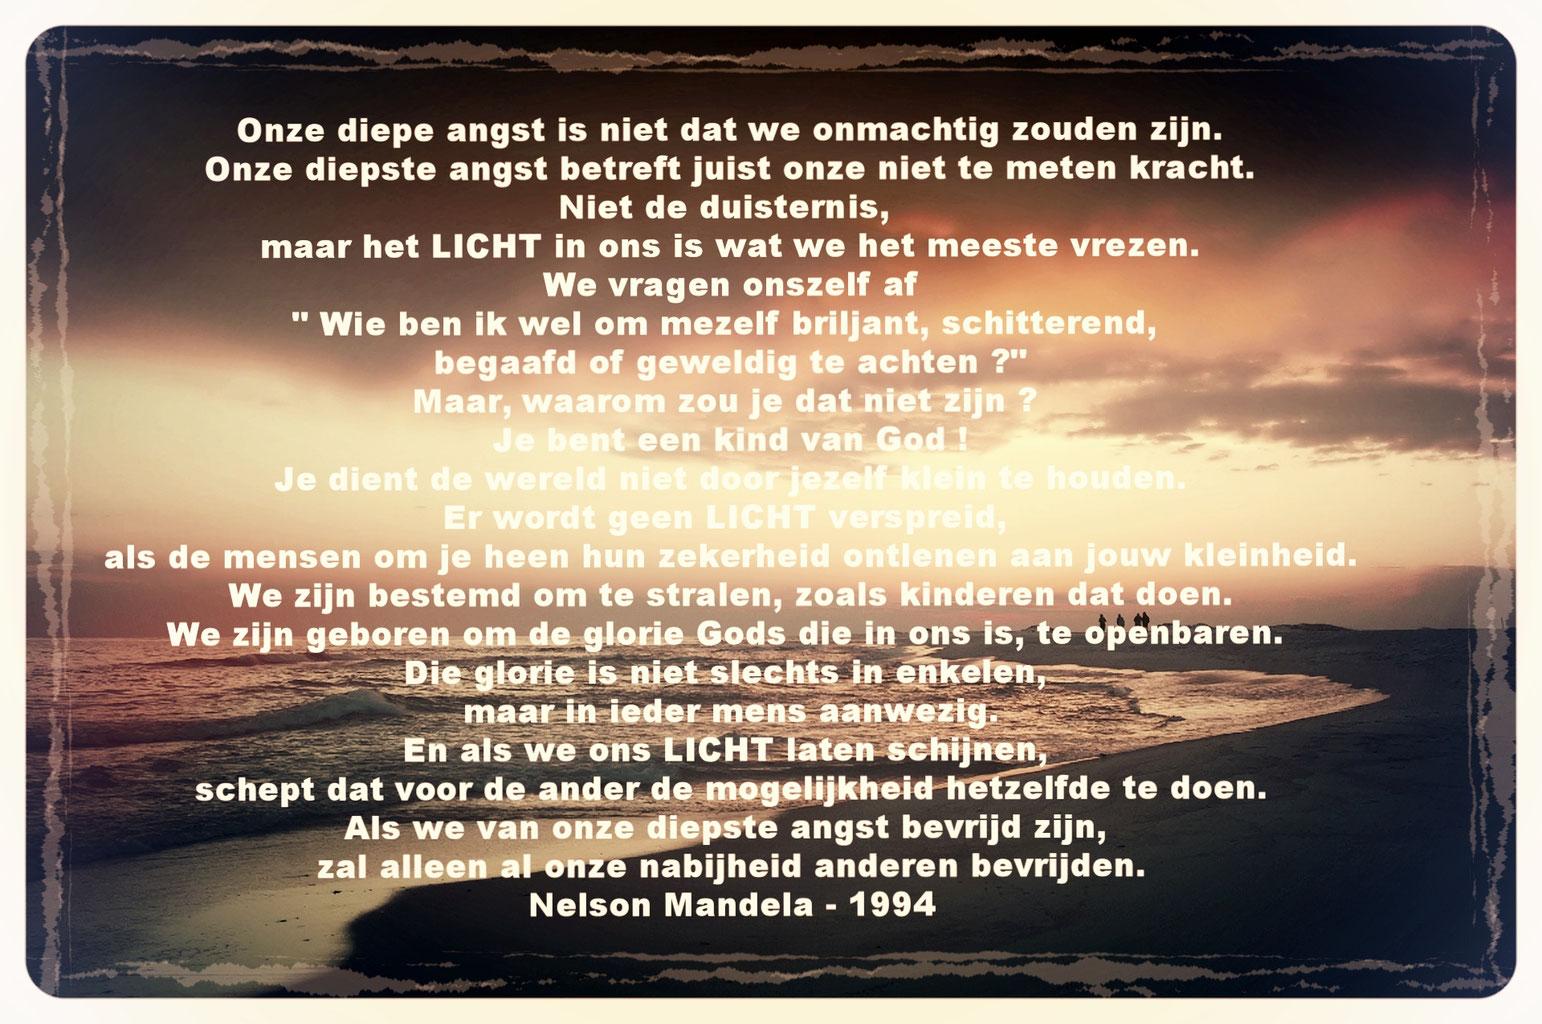 Nelson Mandela Bijzondere Gedichten En Citaten